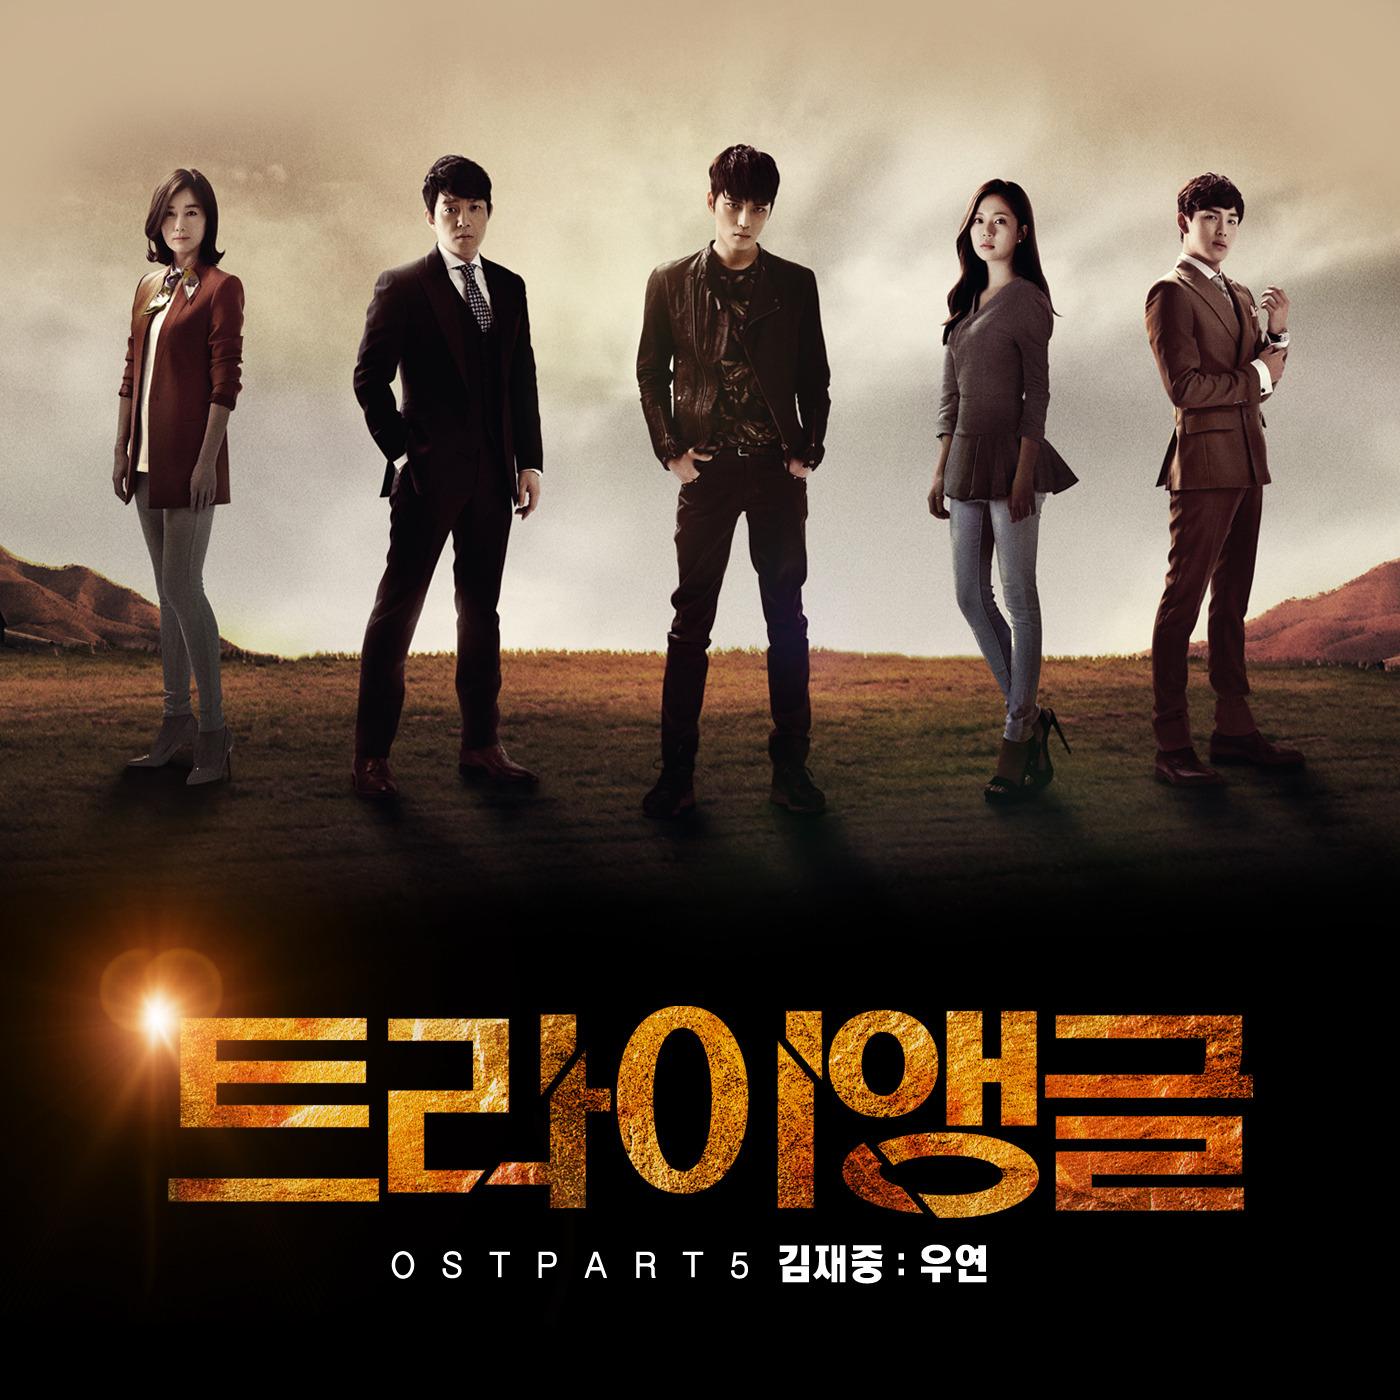 트라이앵글 OST Part5 (MBC 월화드라마) 앨범정보